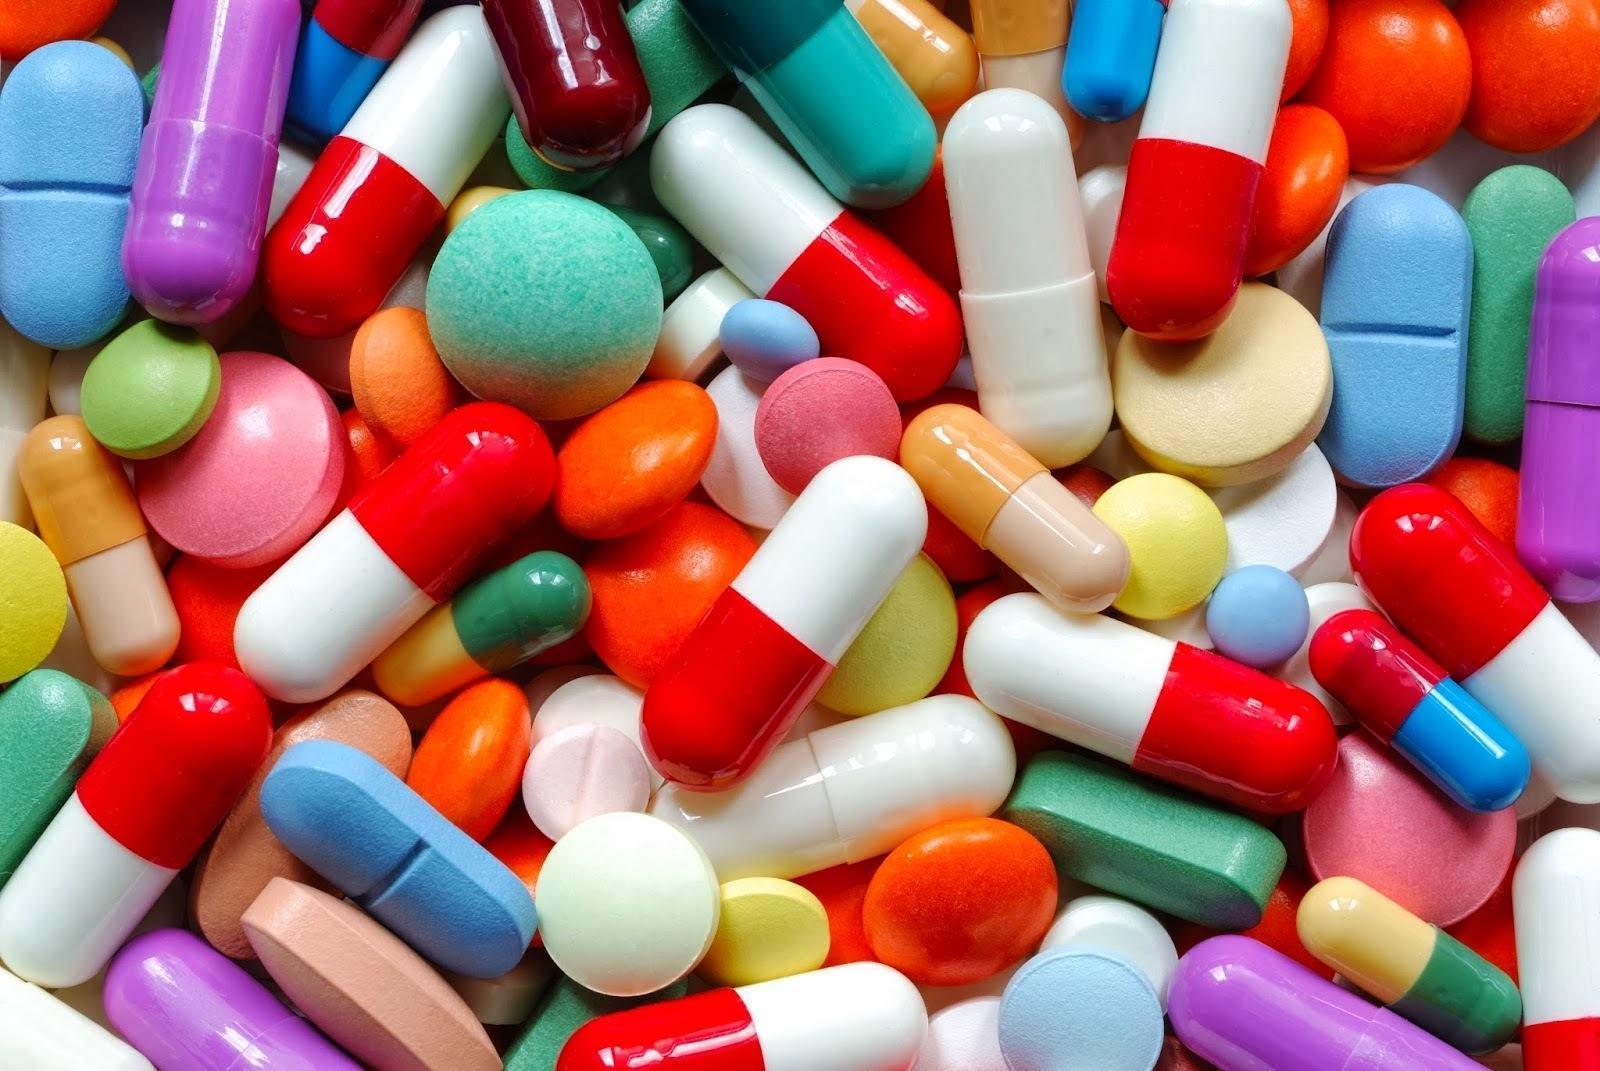 Amamentação e Medicamentos: É Prejudicial? Saiba Mais